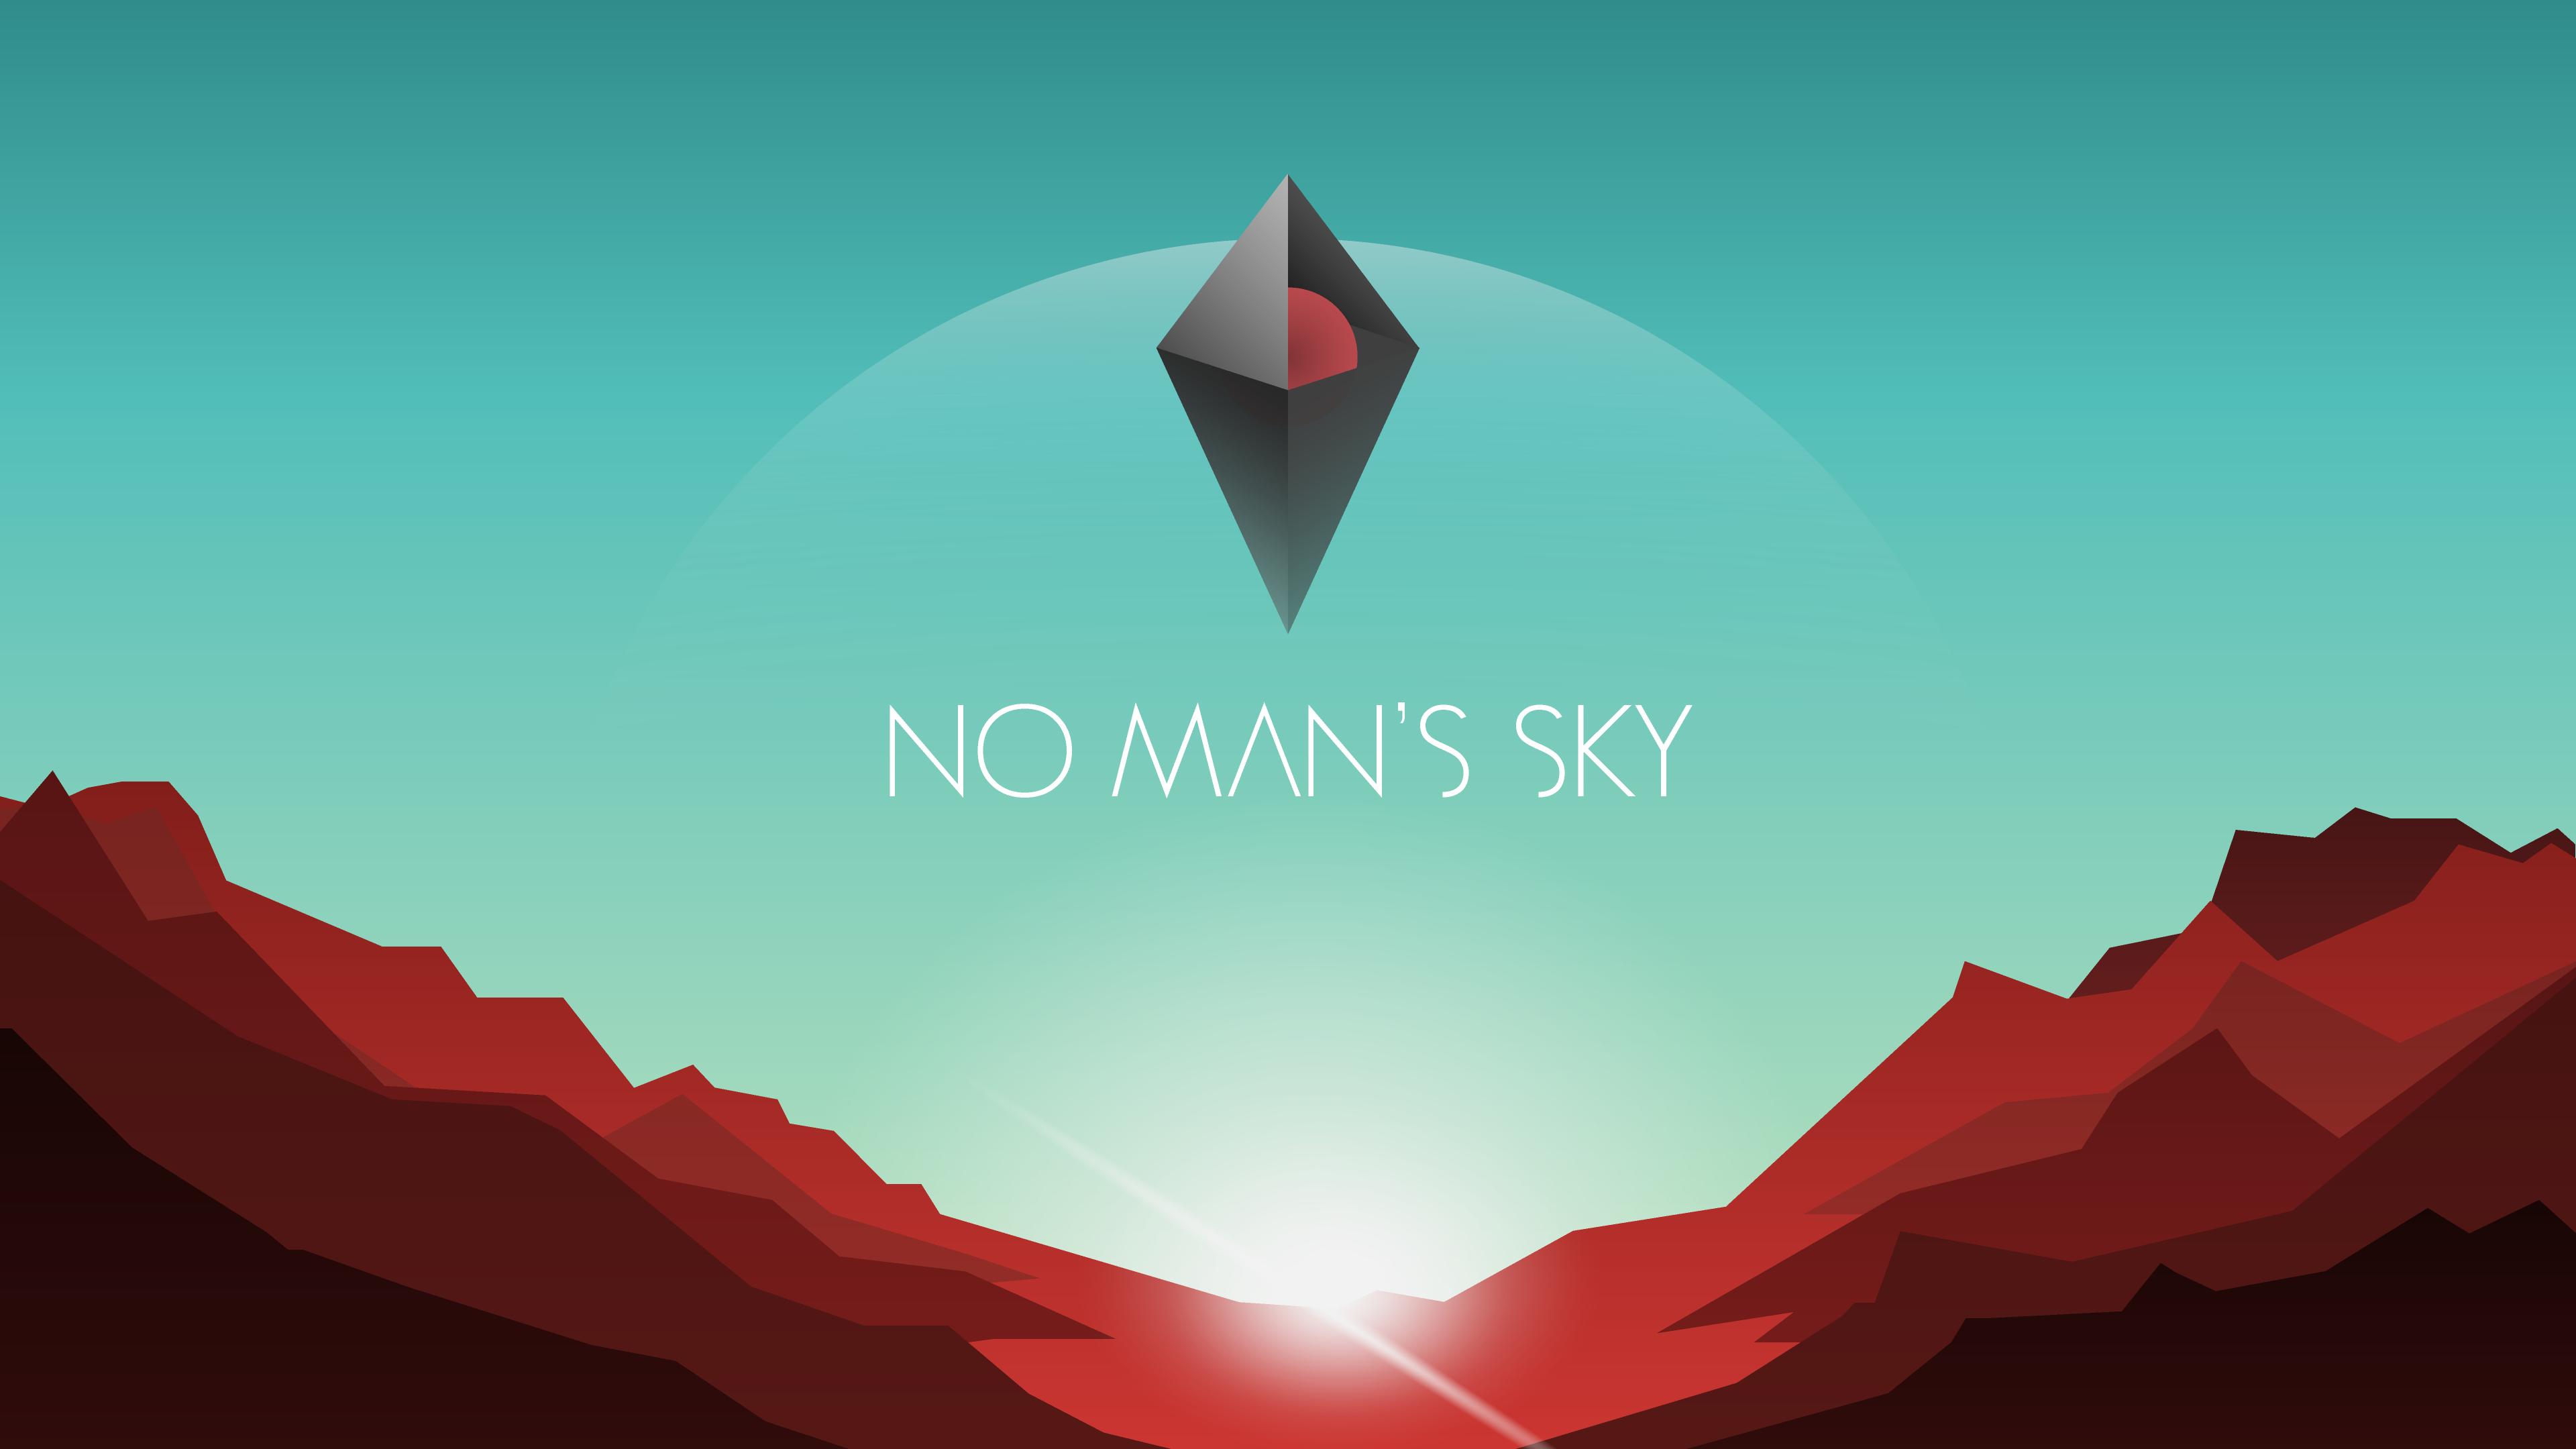 No Man S Sky 4k Wallpaper: No Man's Sky 4K UHD Wallpaper 3840x2160